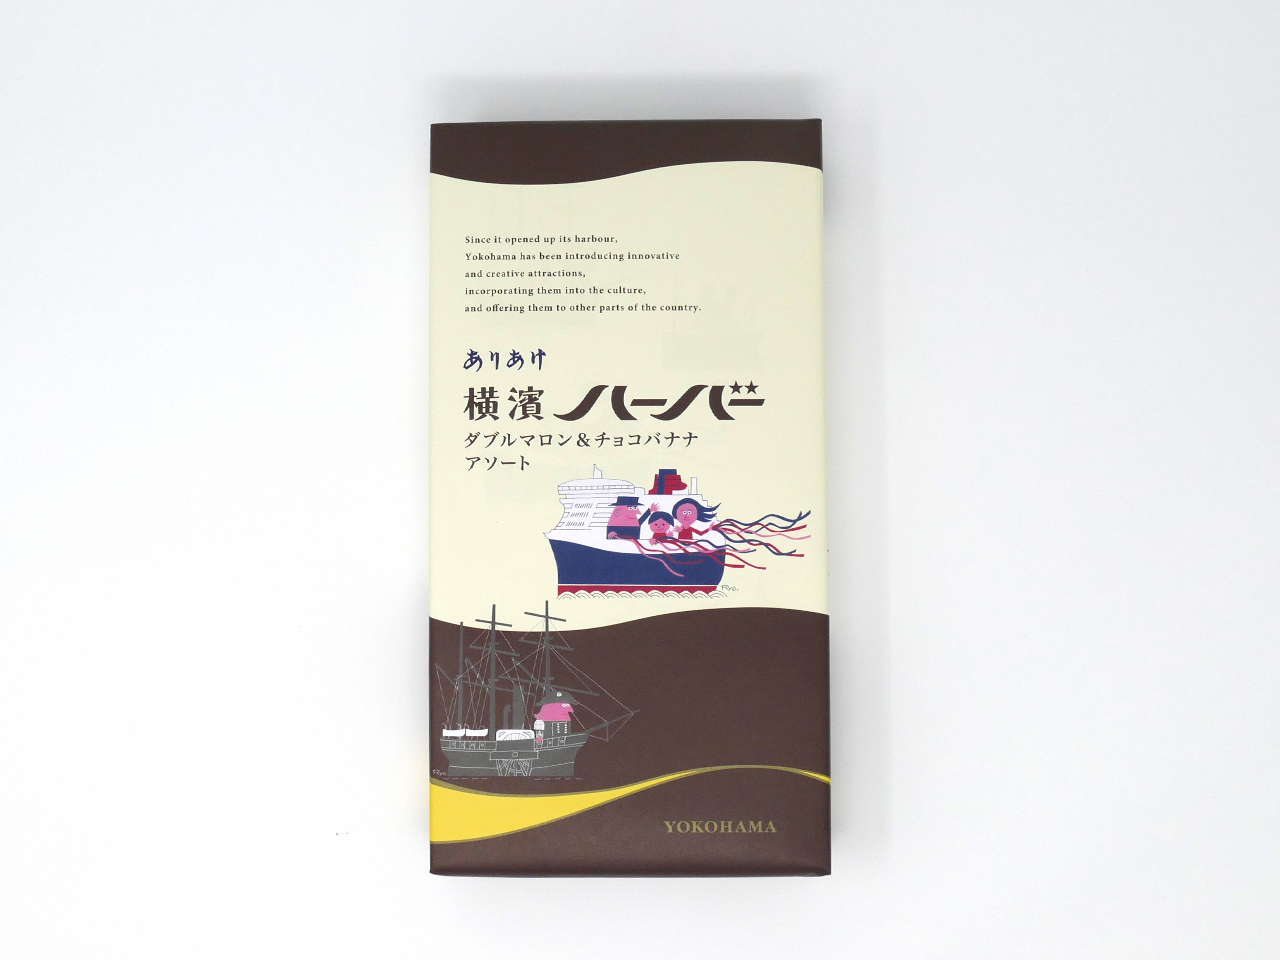 ありあけ「横濱ハーバー[ダブルマロン]」と「黒船ハーバー[チョコバナナ]」